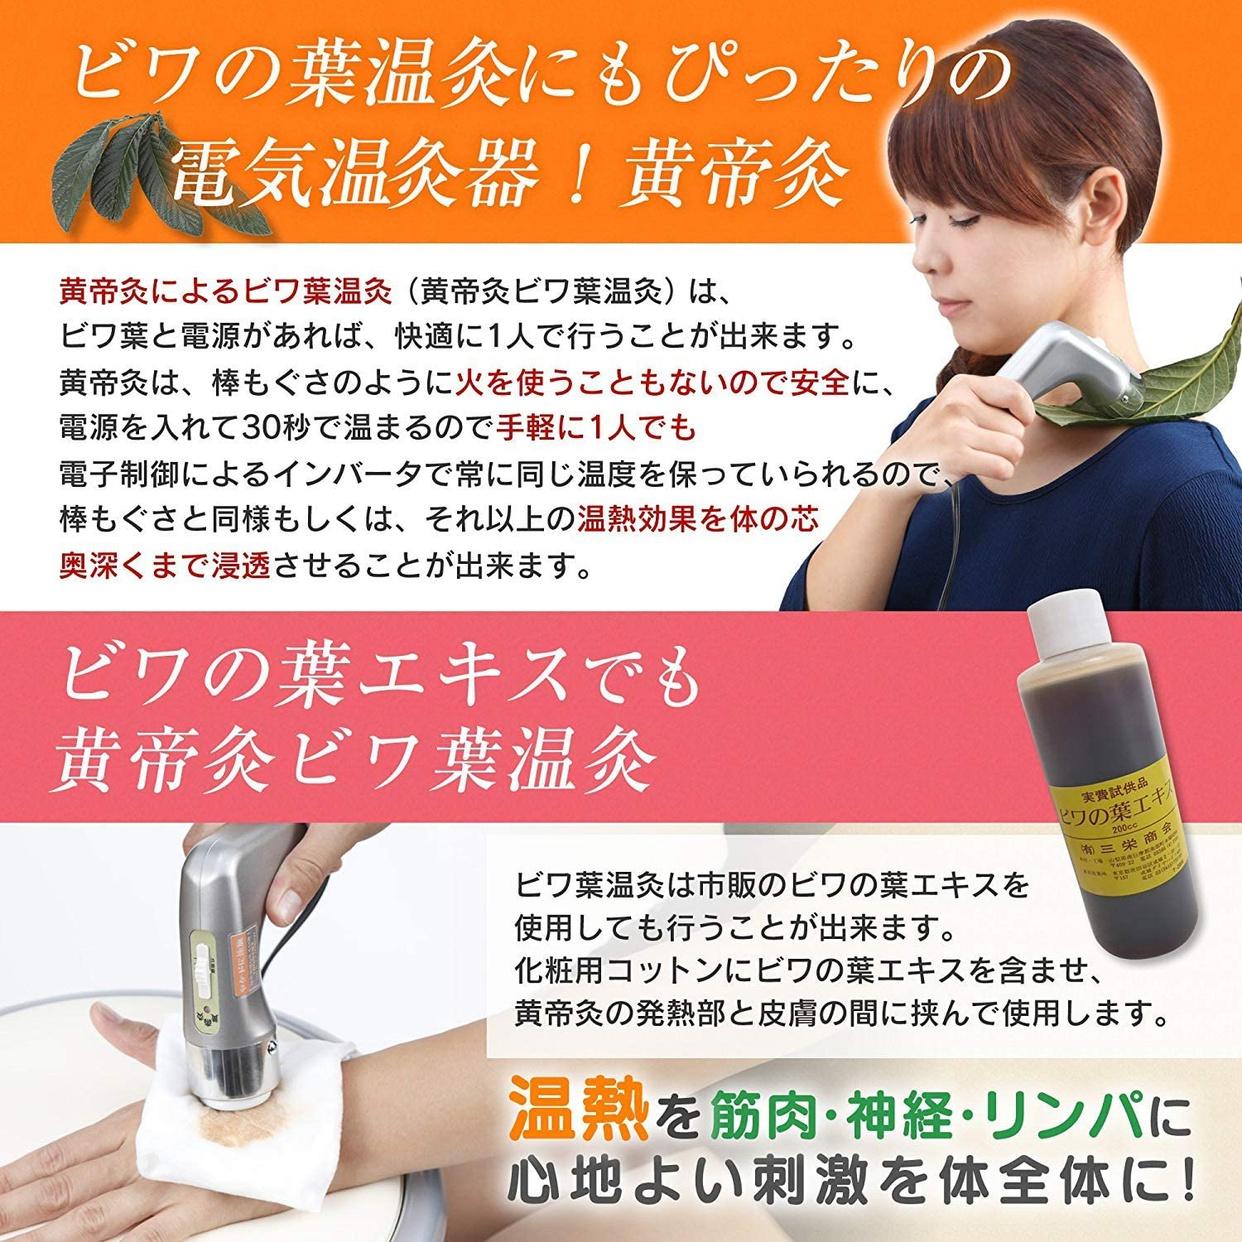 黄帝灸 ナノプラチナ II型 電気温灸器の商品画像4